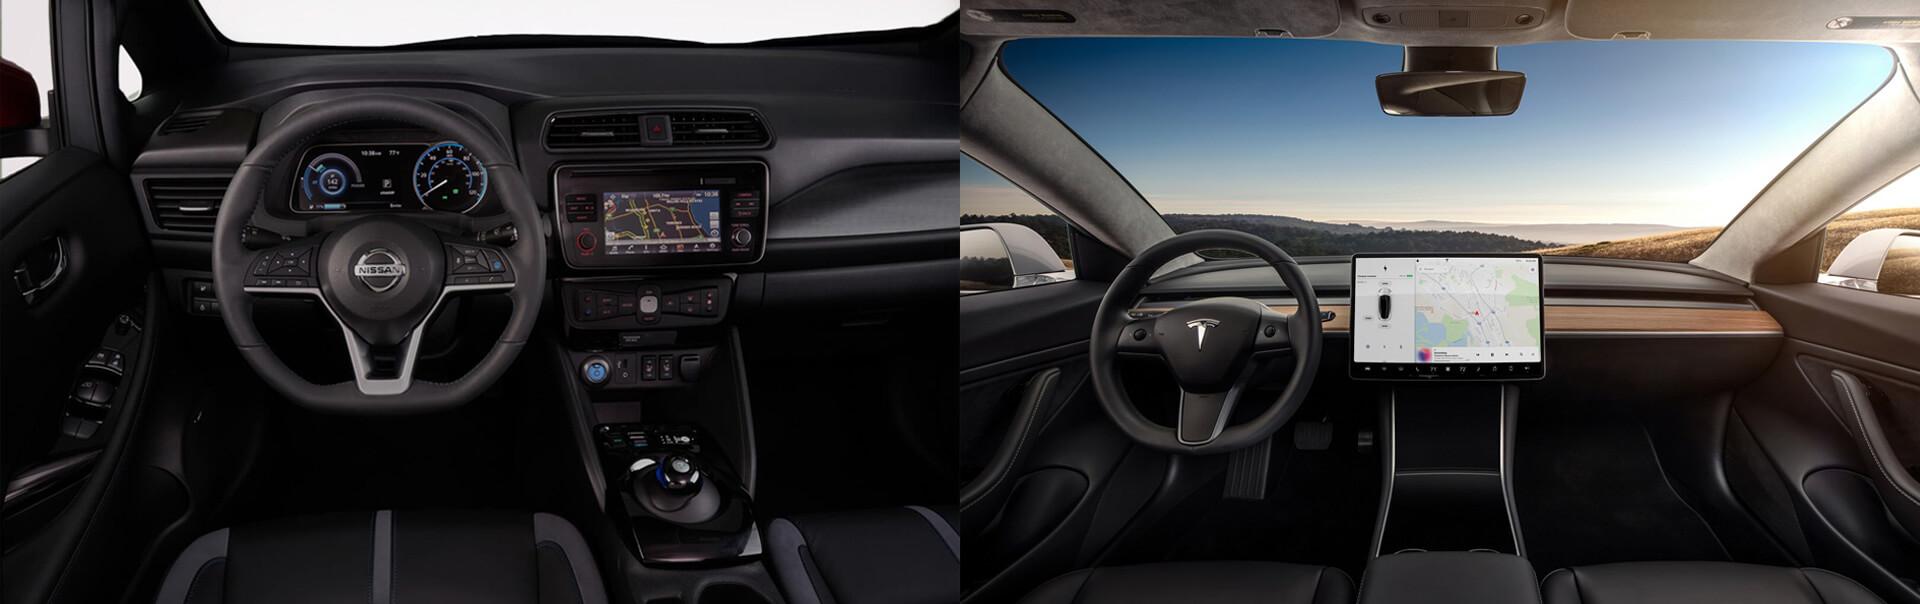 Приборные панели электромобилей Nissan Leaf (2018) и Tesla Model 3